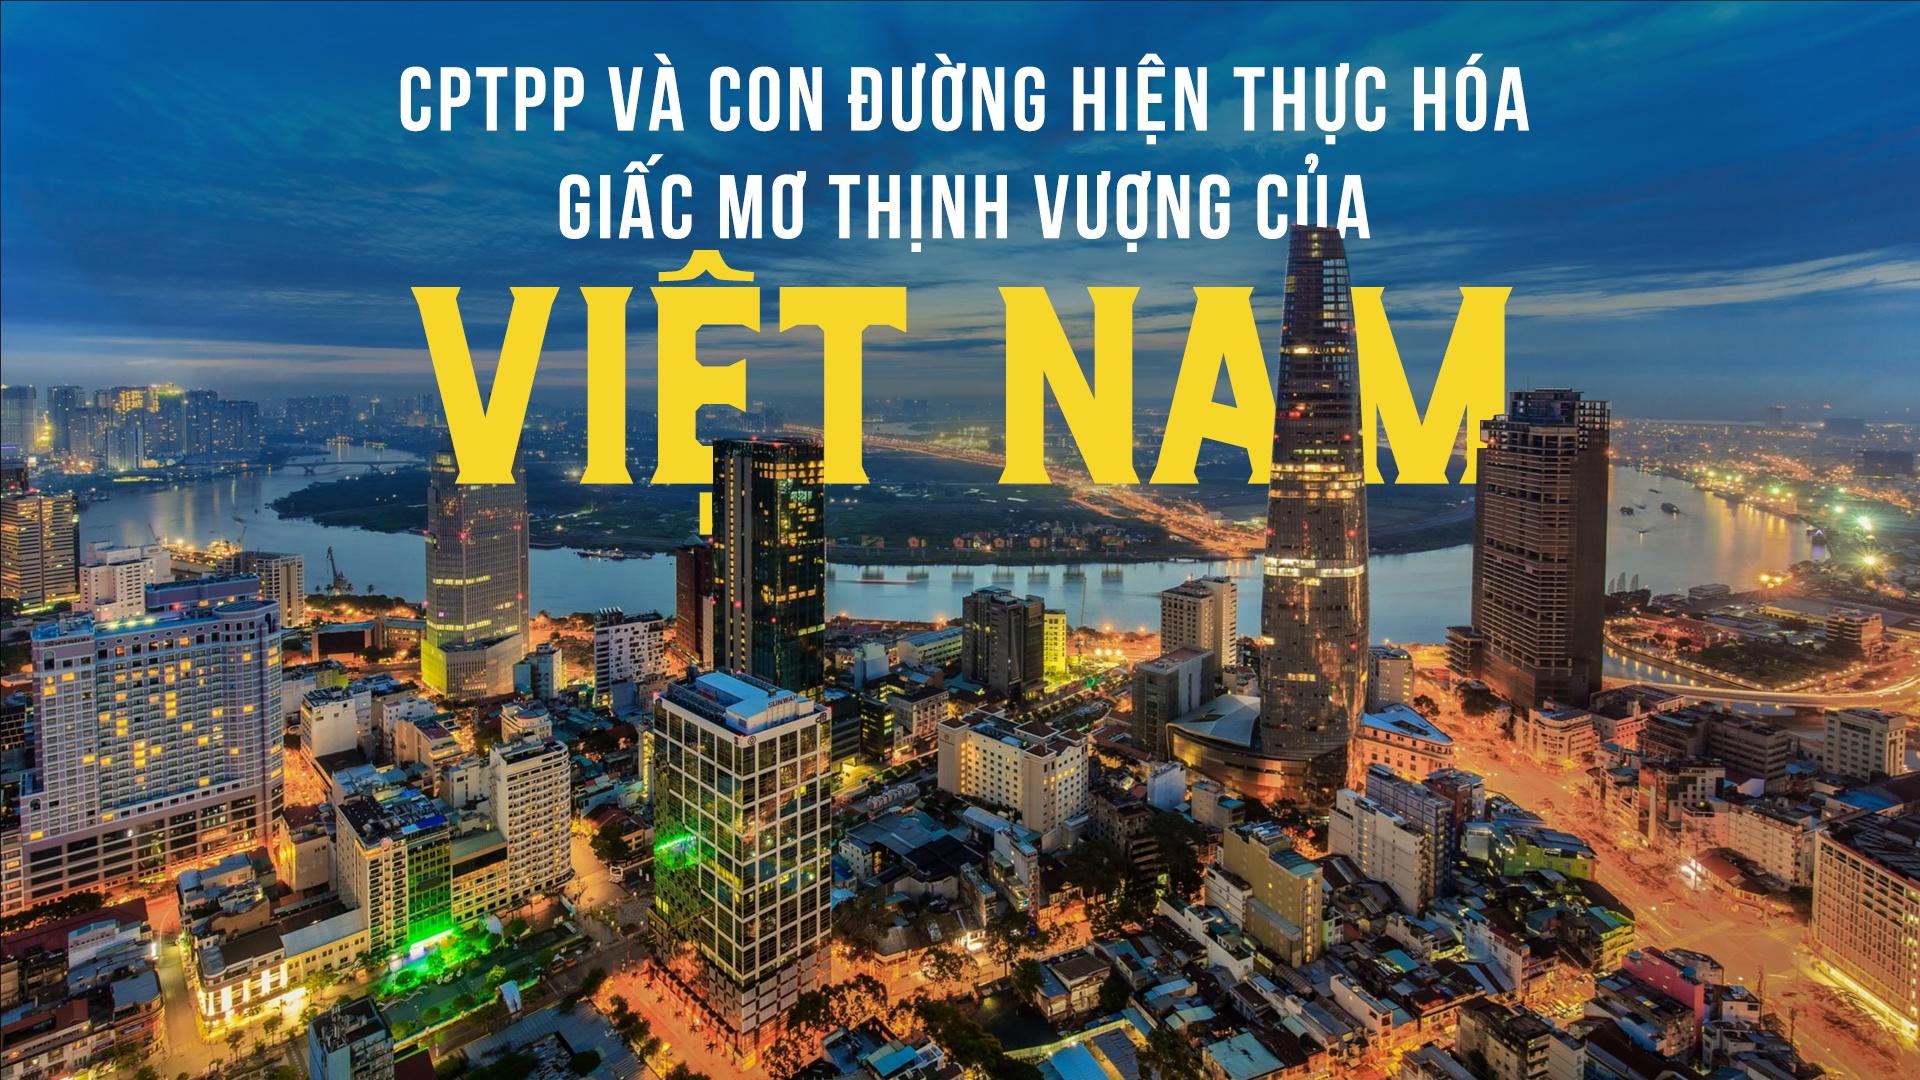 CPTPP và giấc mơ thịnh vượng của Việt Nam